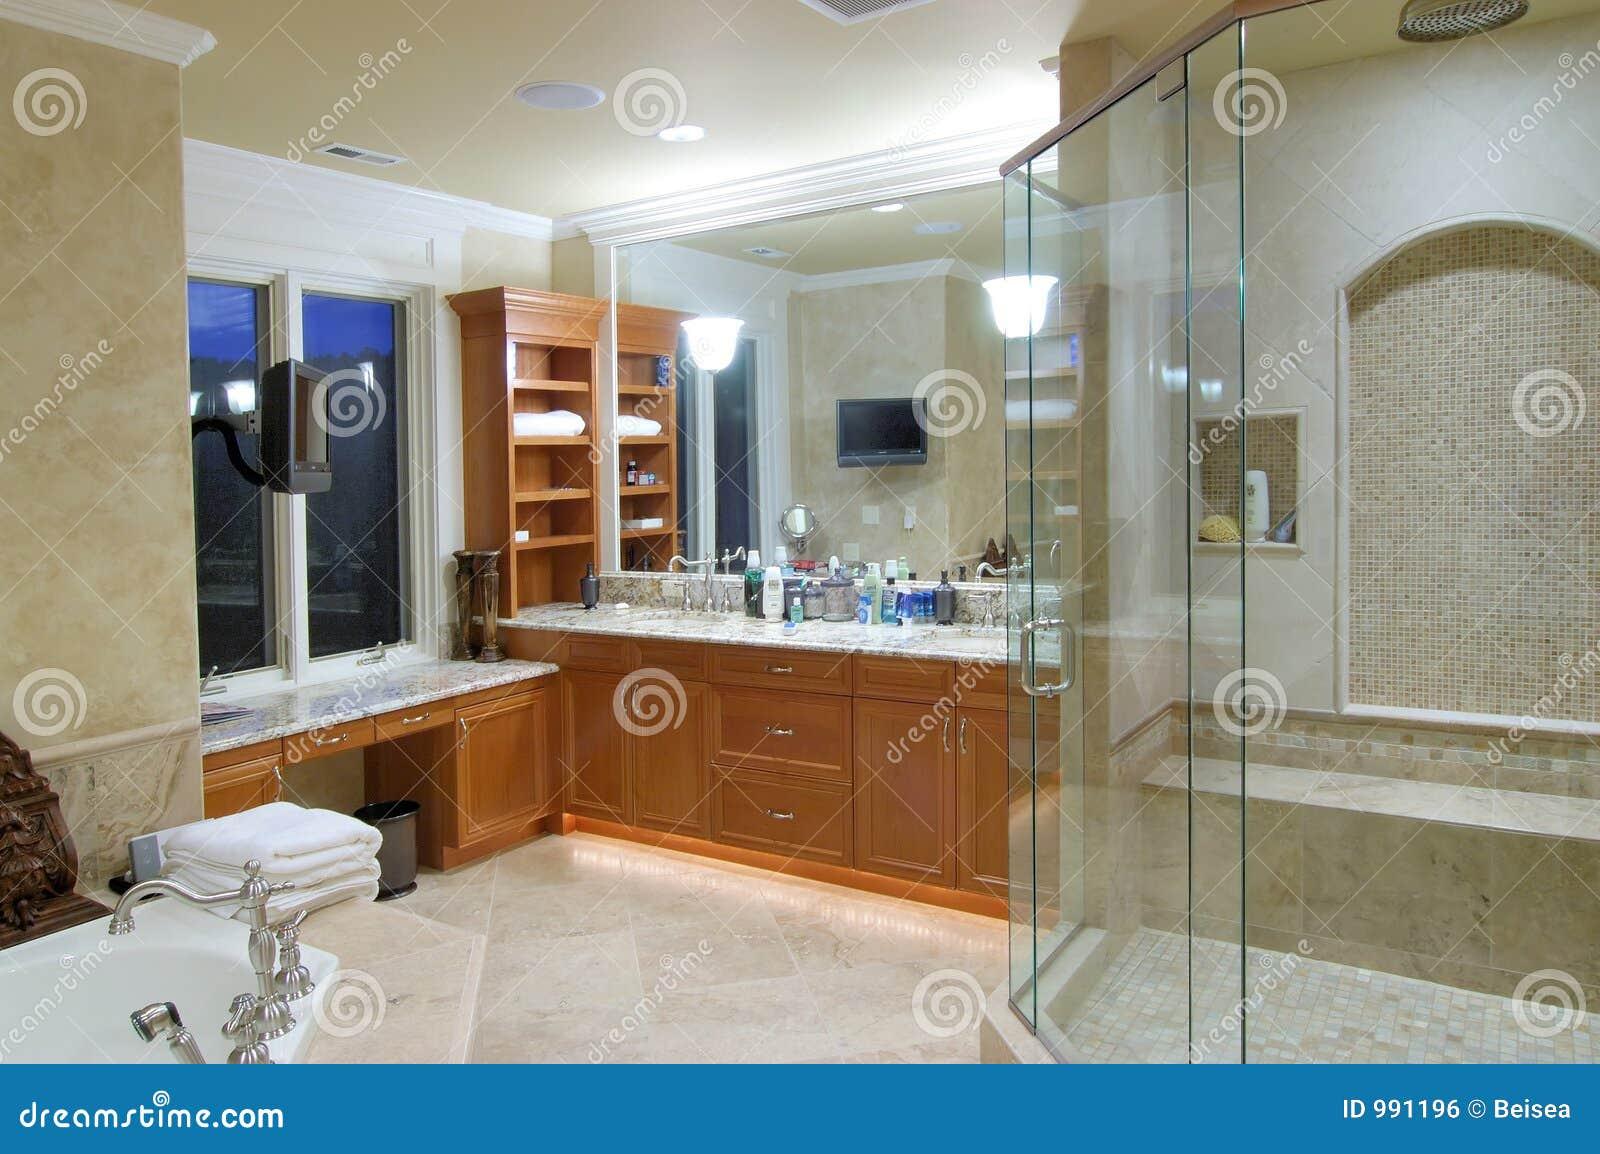 Tv Dans Salle De Bain ~ salle de bains principale photo stock image du t l vision 991196